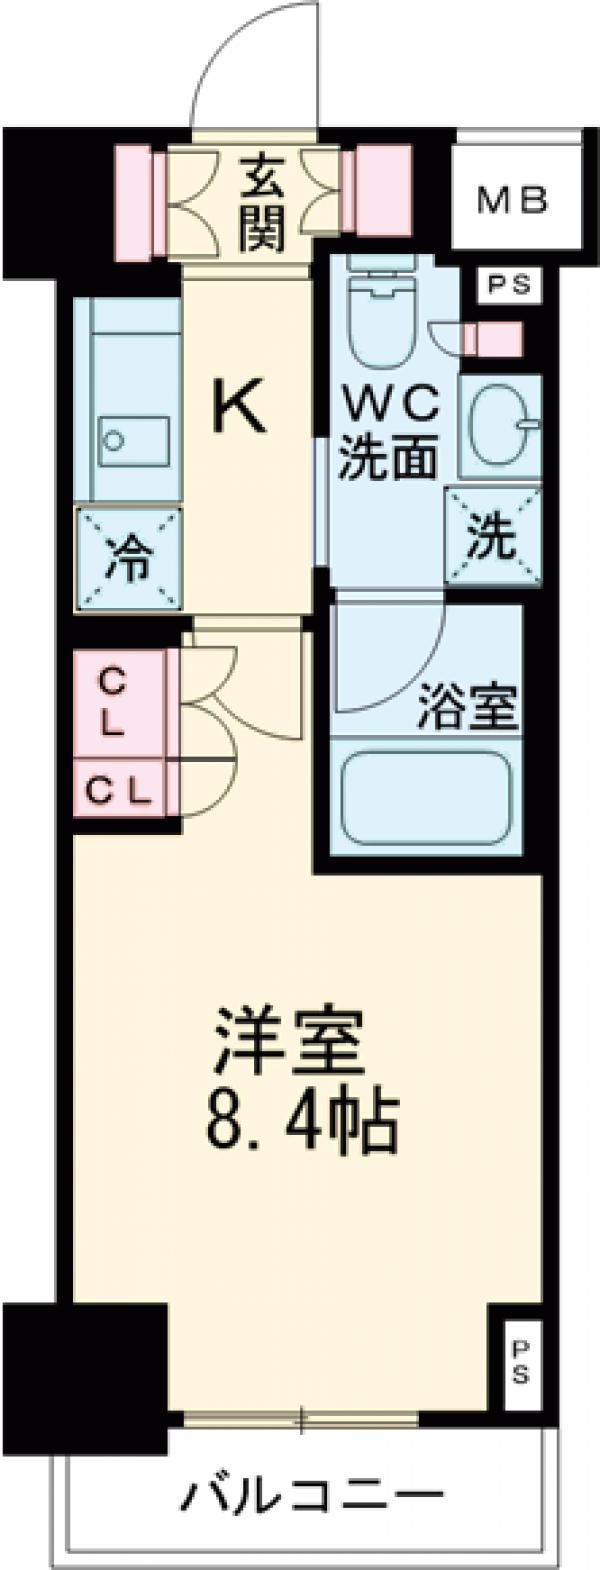 プラウドフラット西早稲田・1303号室の間取り